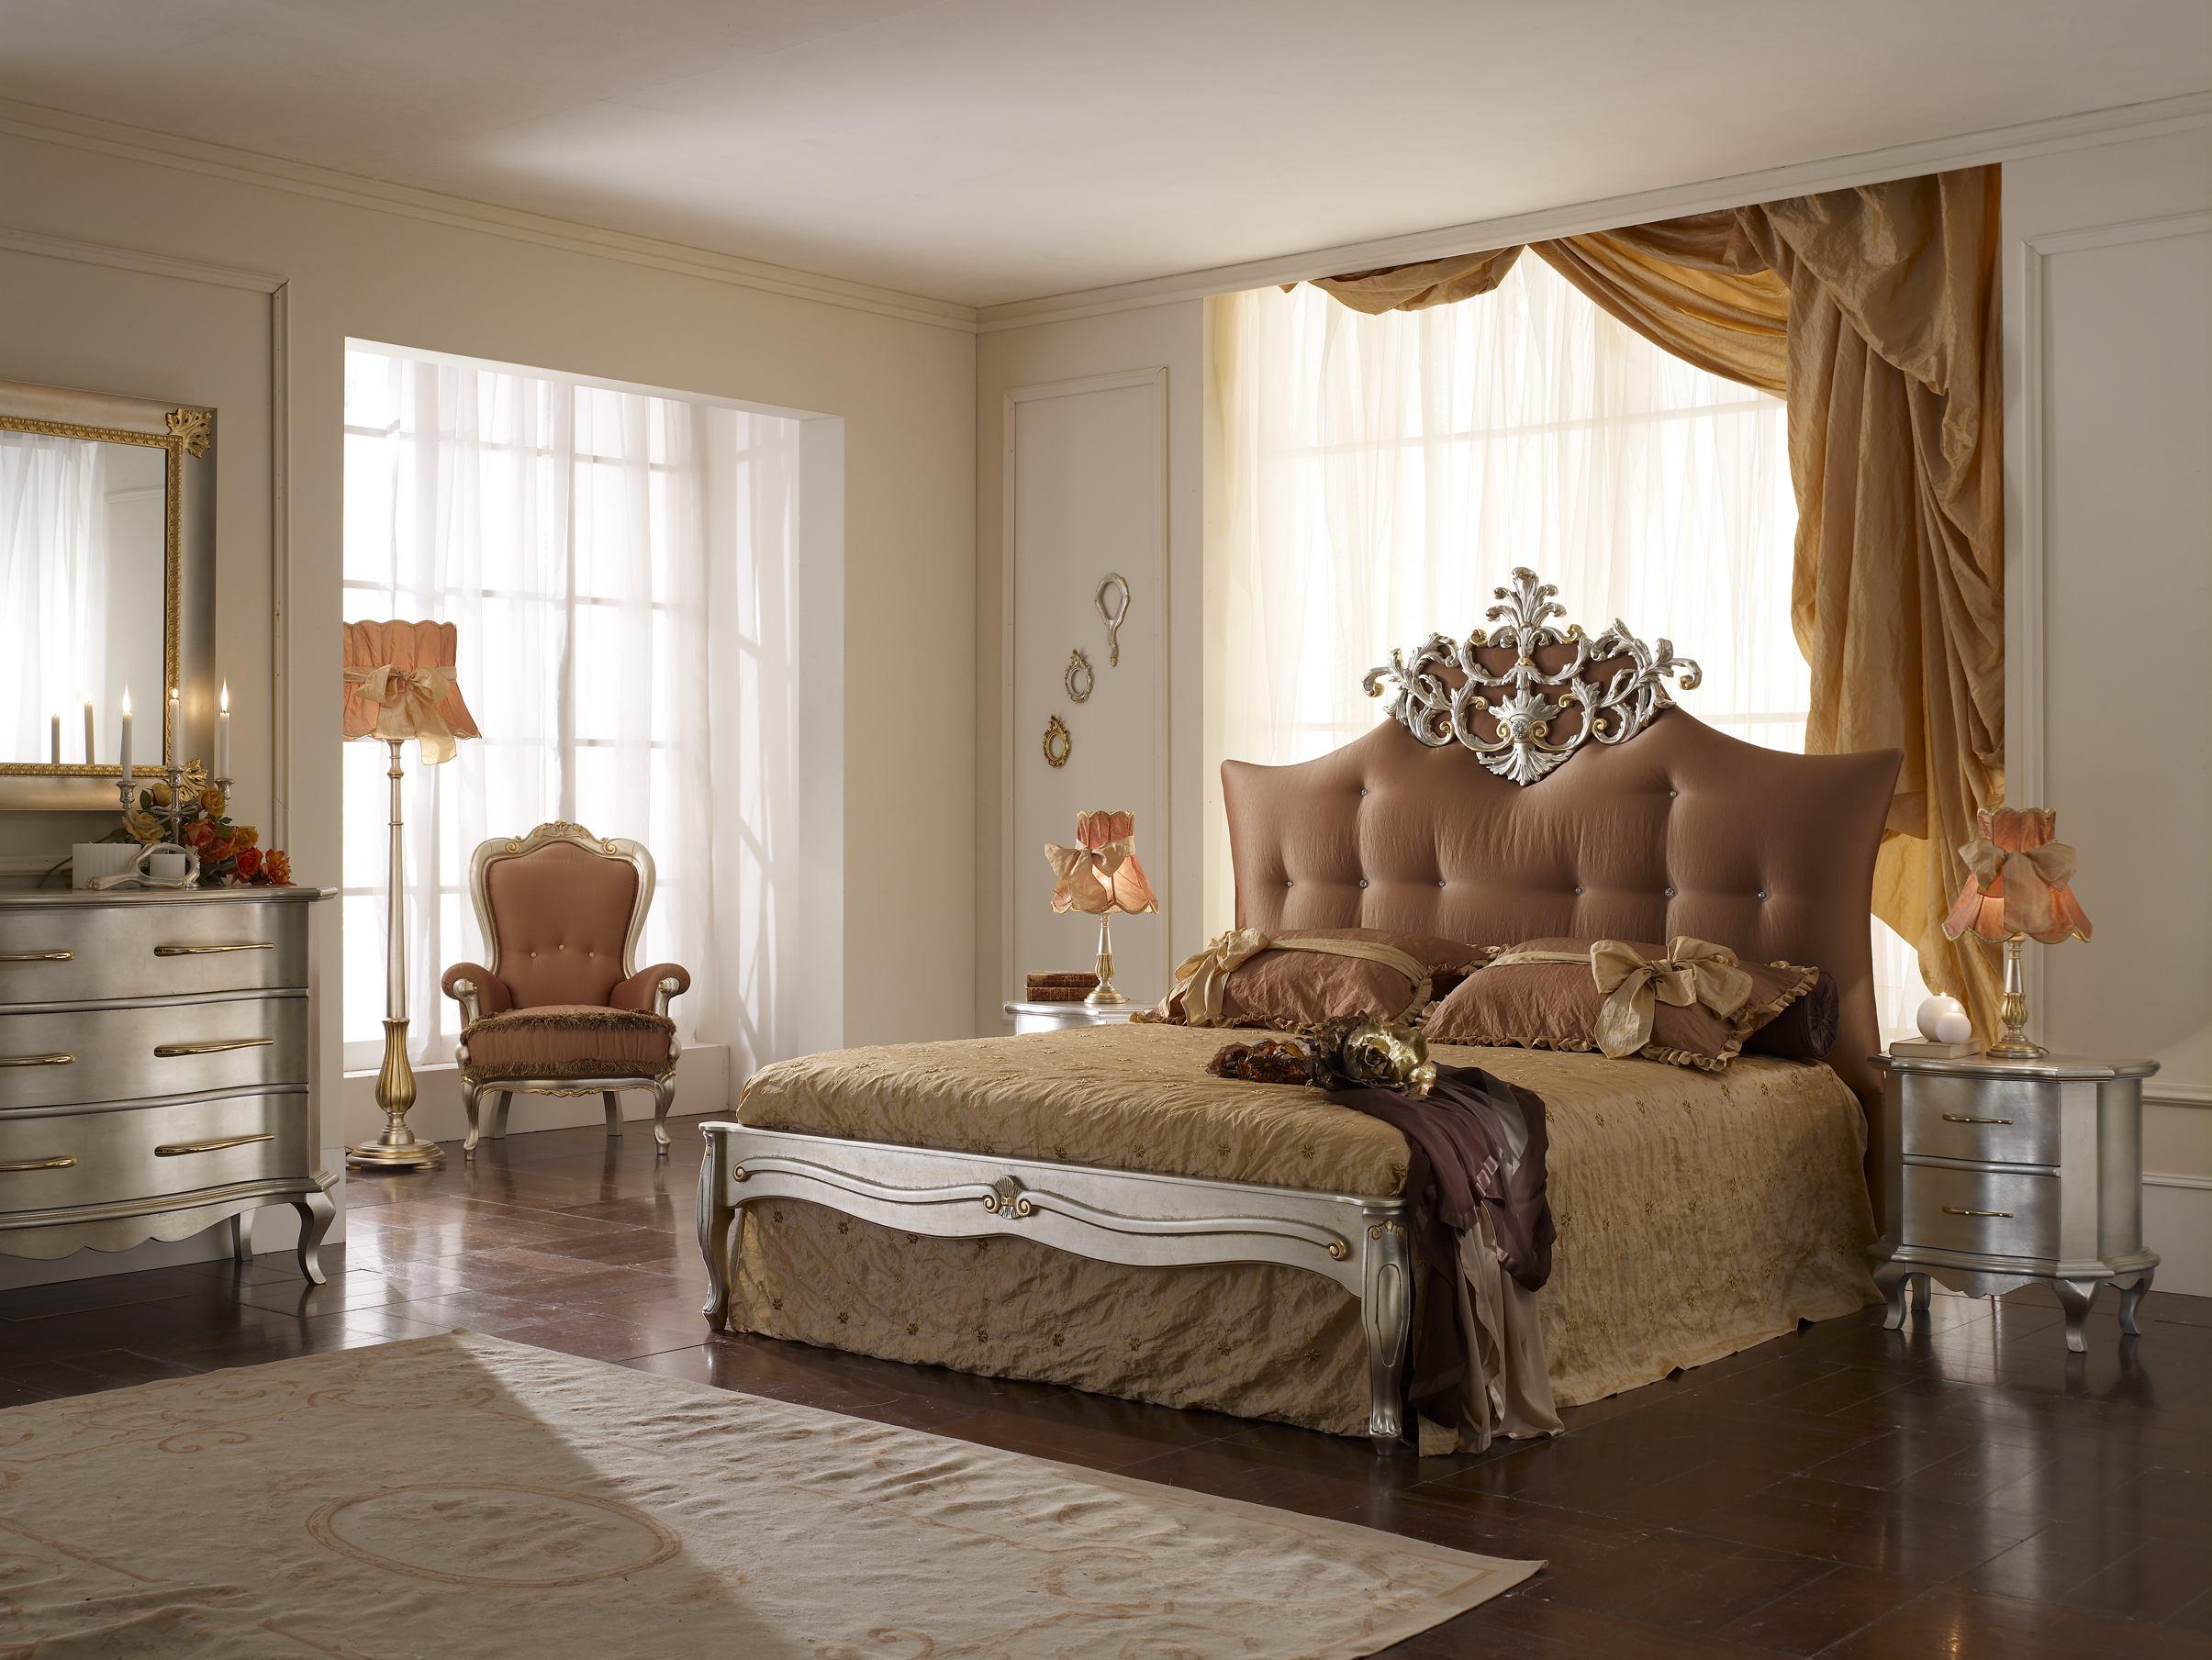 Кровать как элемент интерьера спальни